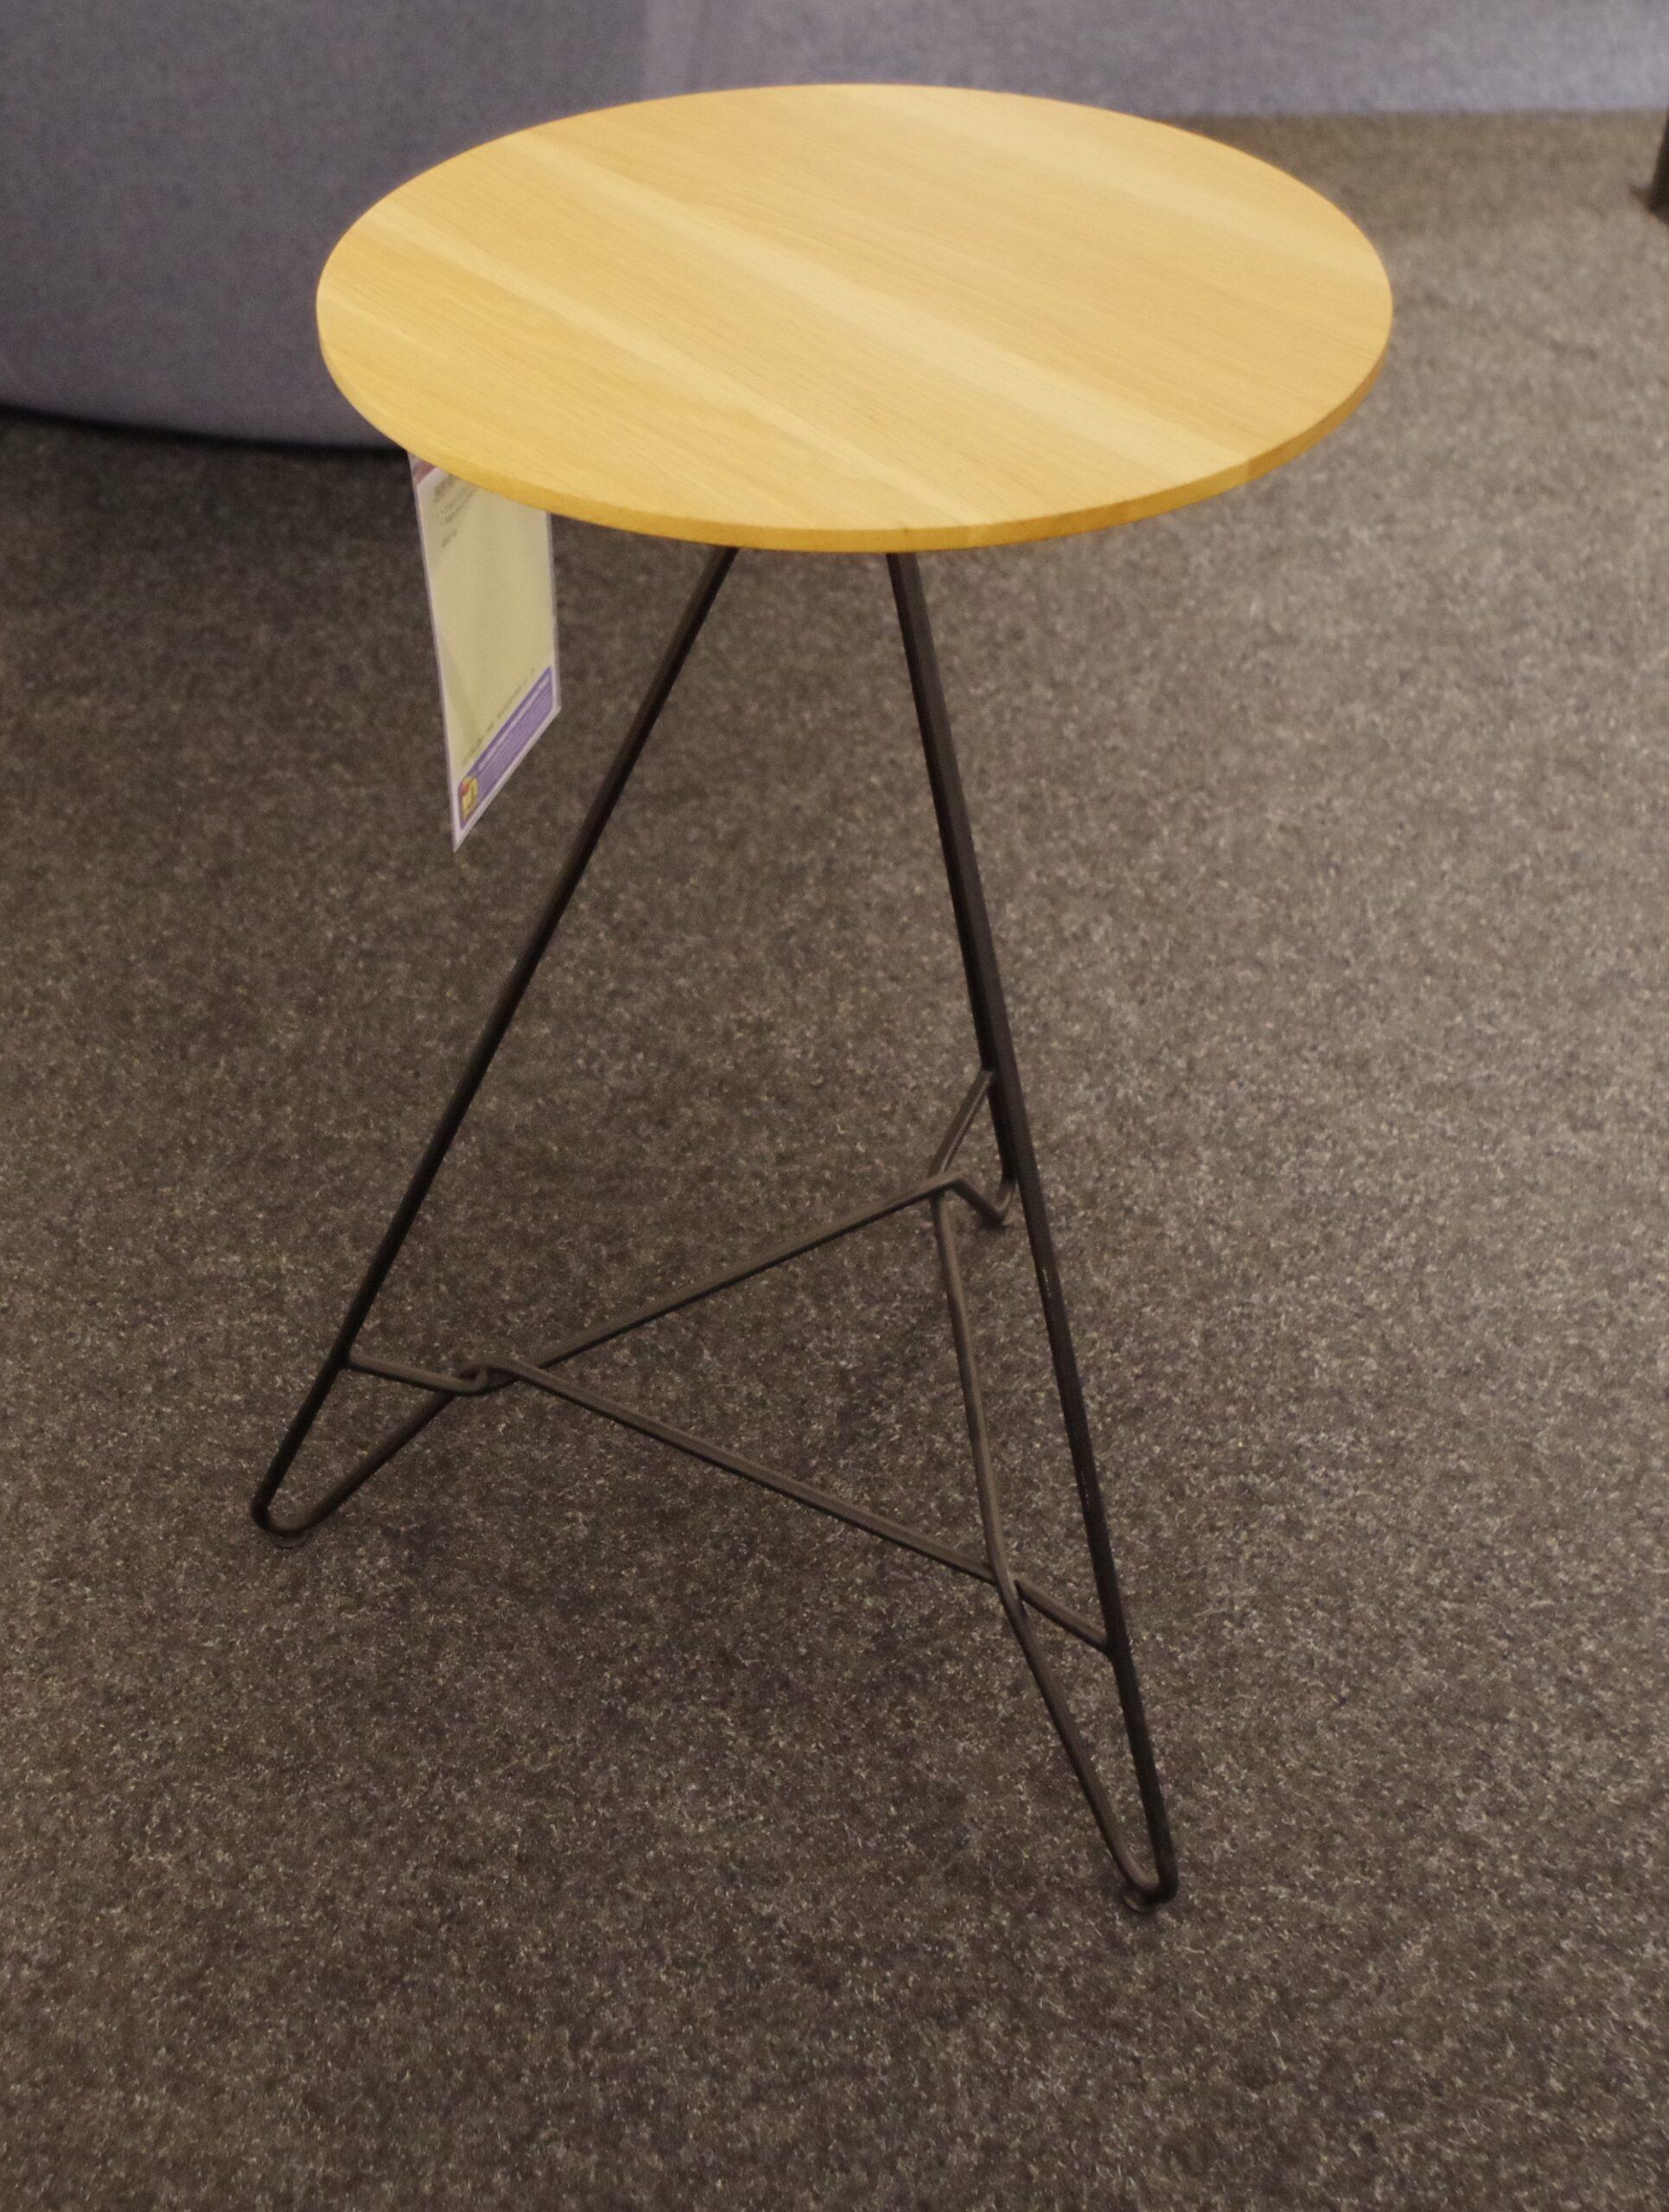 Full Size of Couchtisch 150 210 Freistil Platte Eiche Massiv Mbel Inhofer Sofa Küche Ausstellungsstück Bett Wohnzimmer Freistil Ausstellungsstück